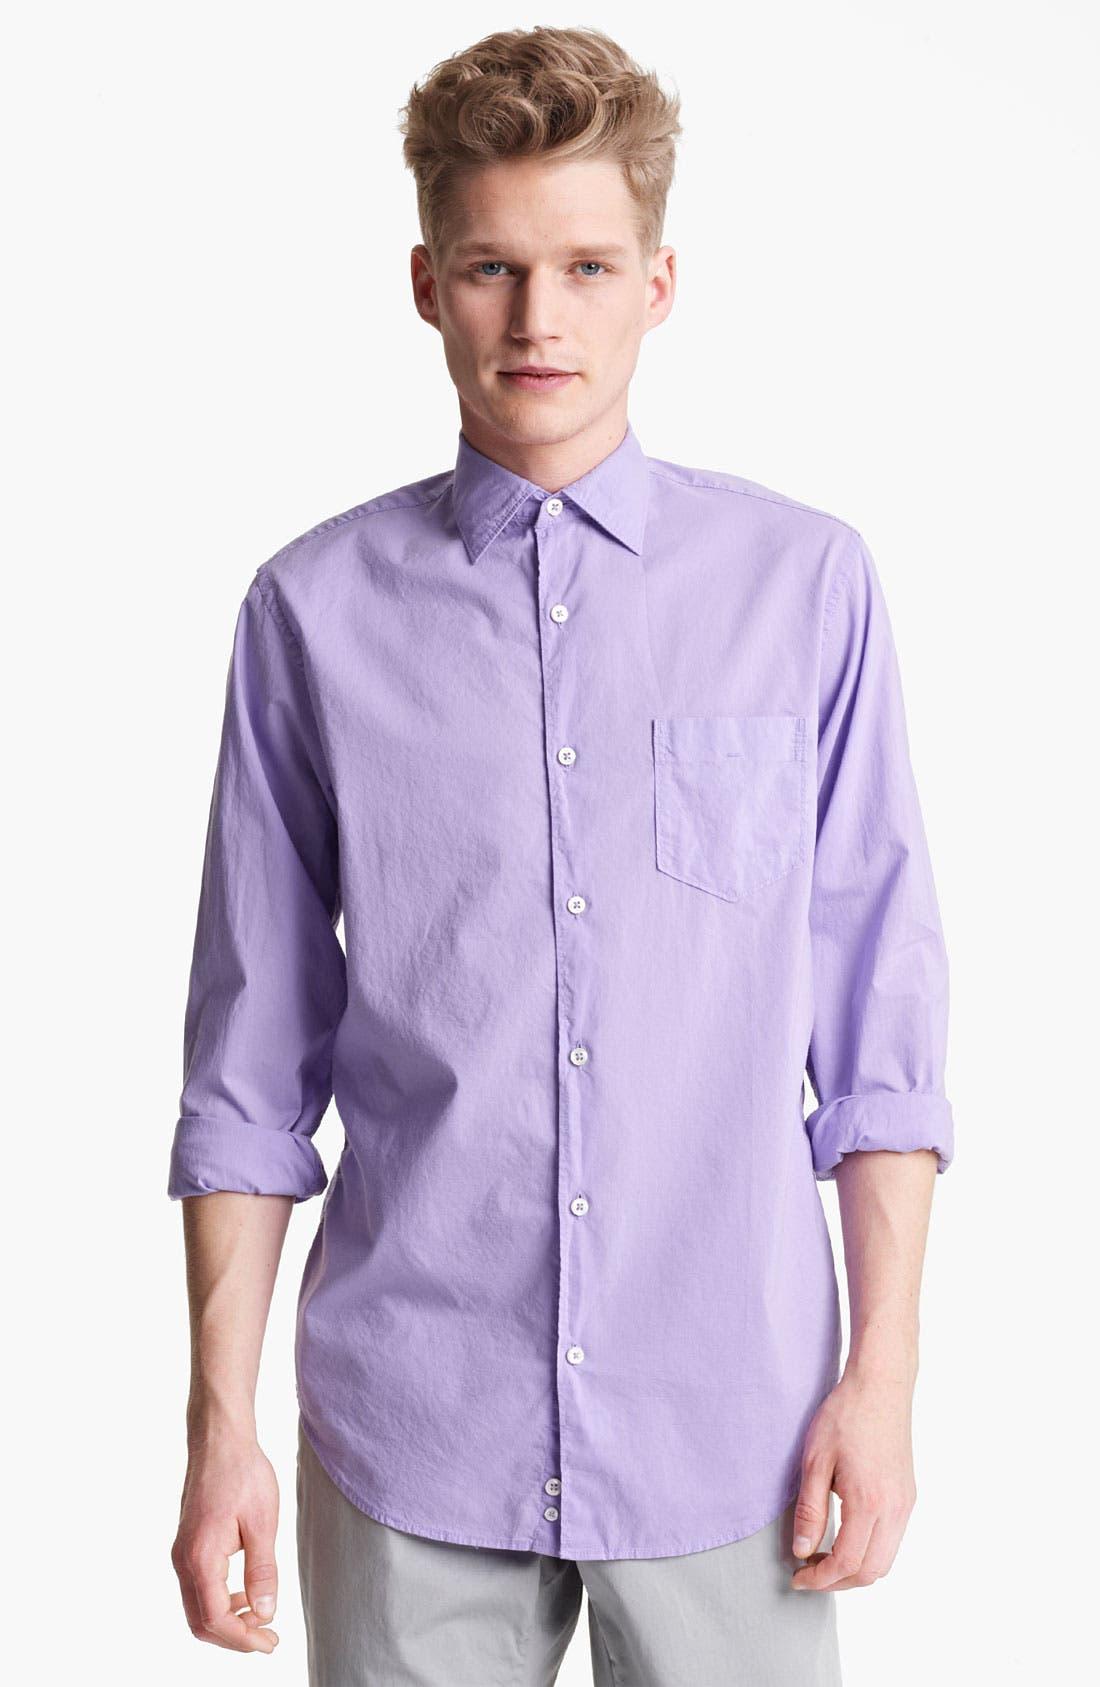 Main Image - Mason's Poplin Woven Shirt